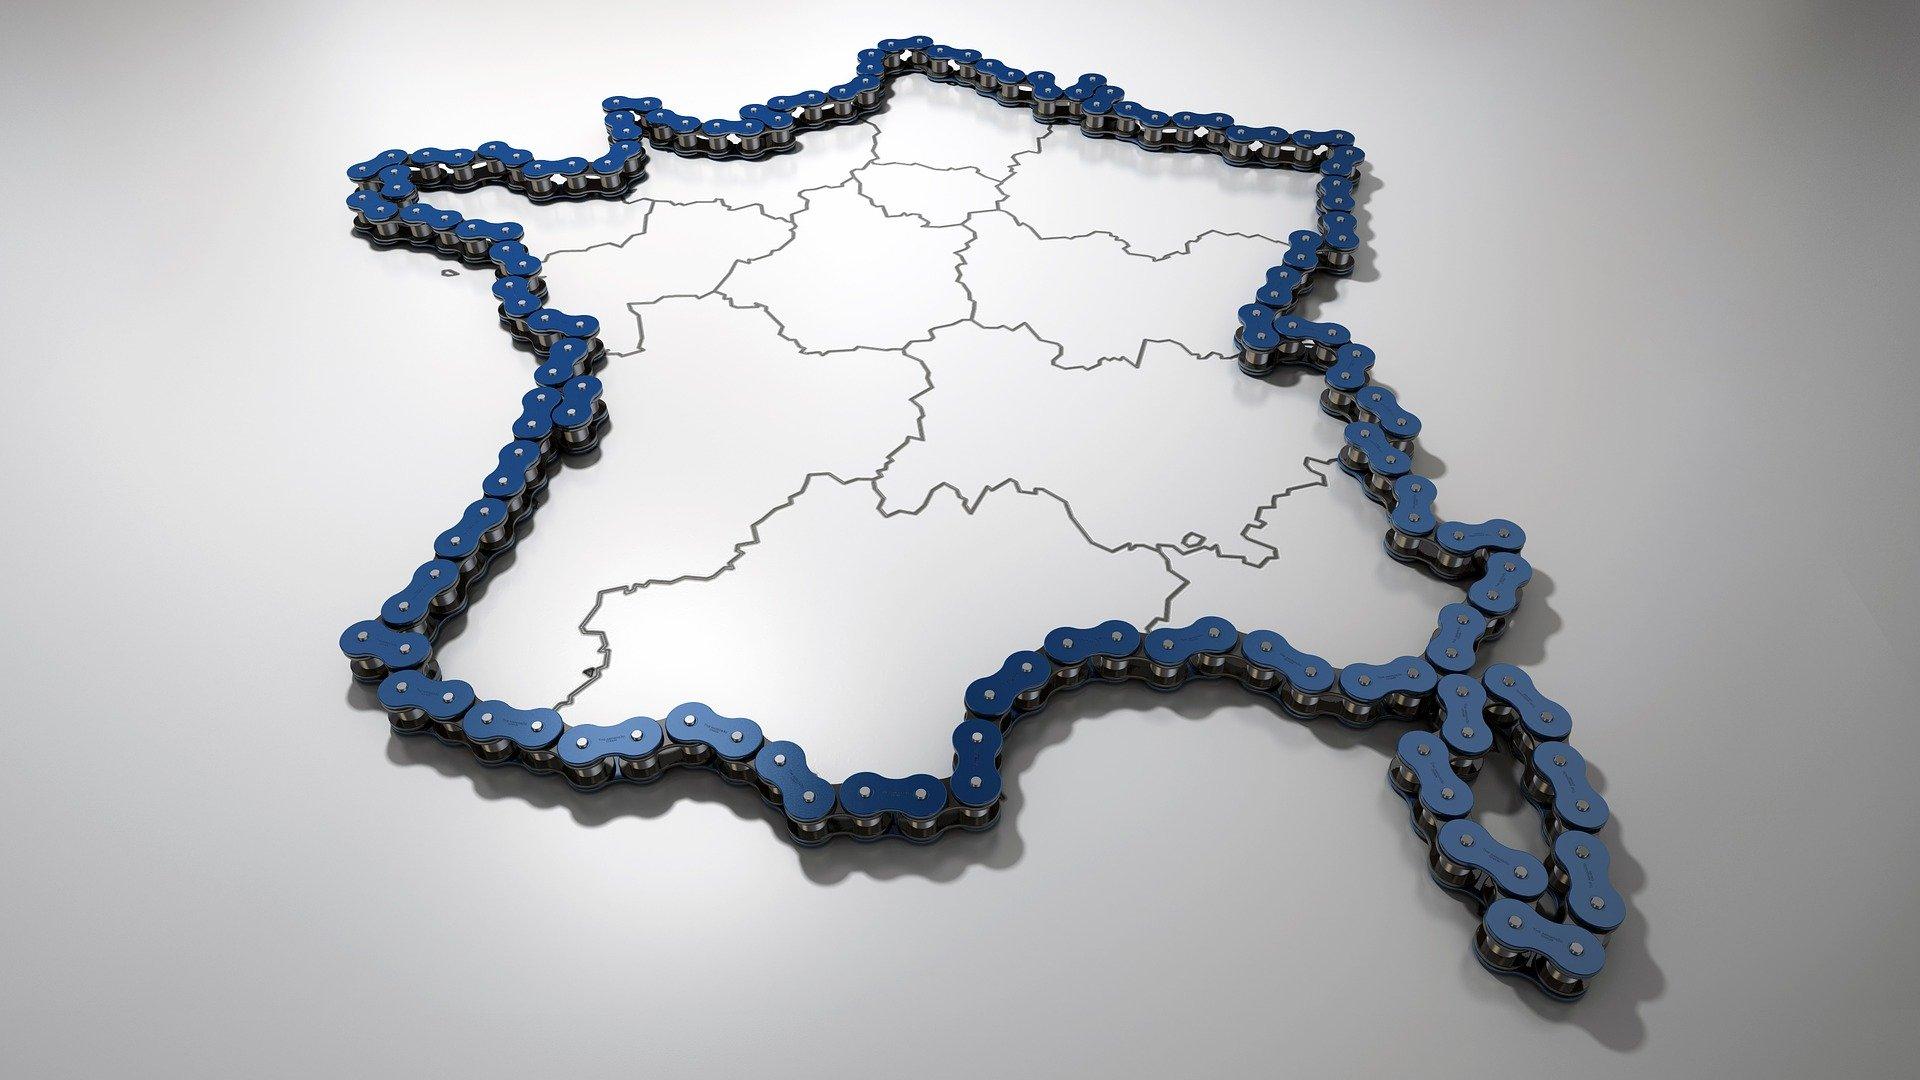 L'autorisation de travail et sa limite géographique : une problématique toujours d'actualité ?